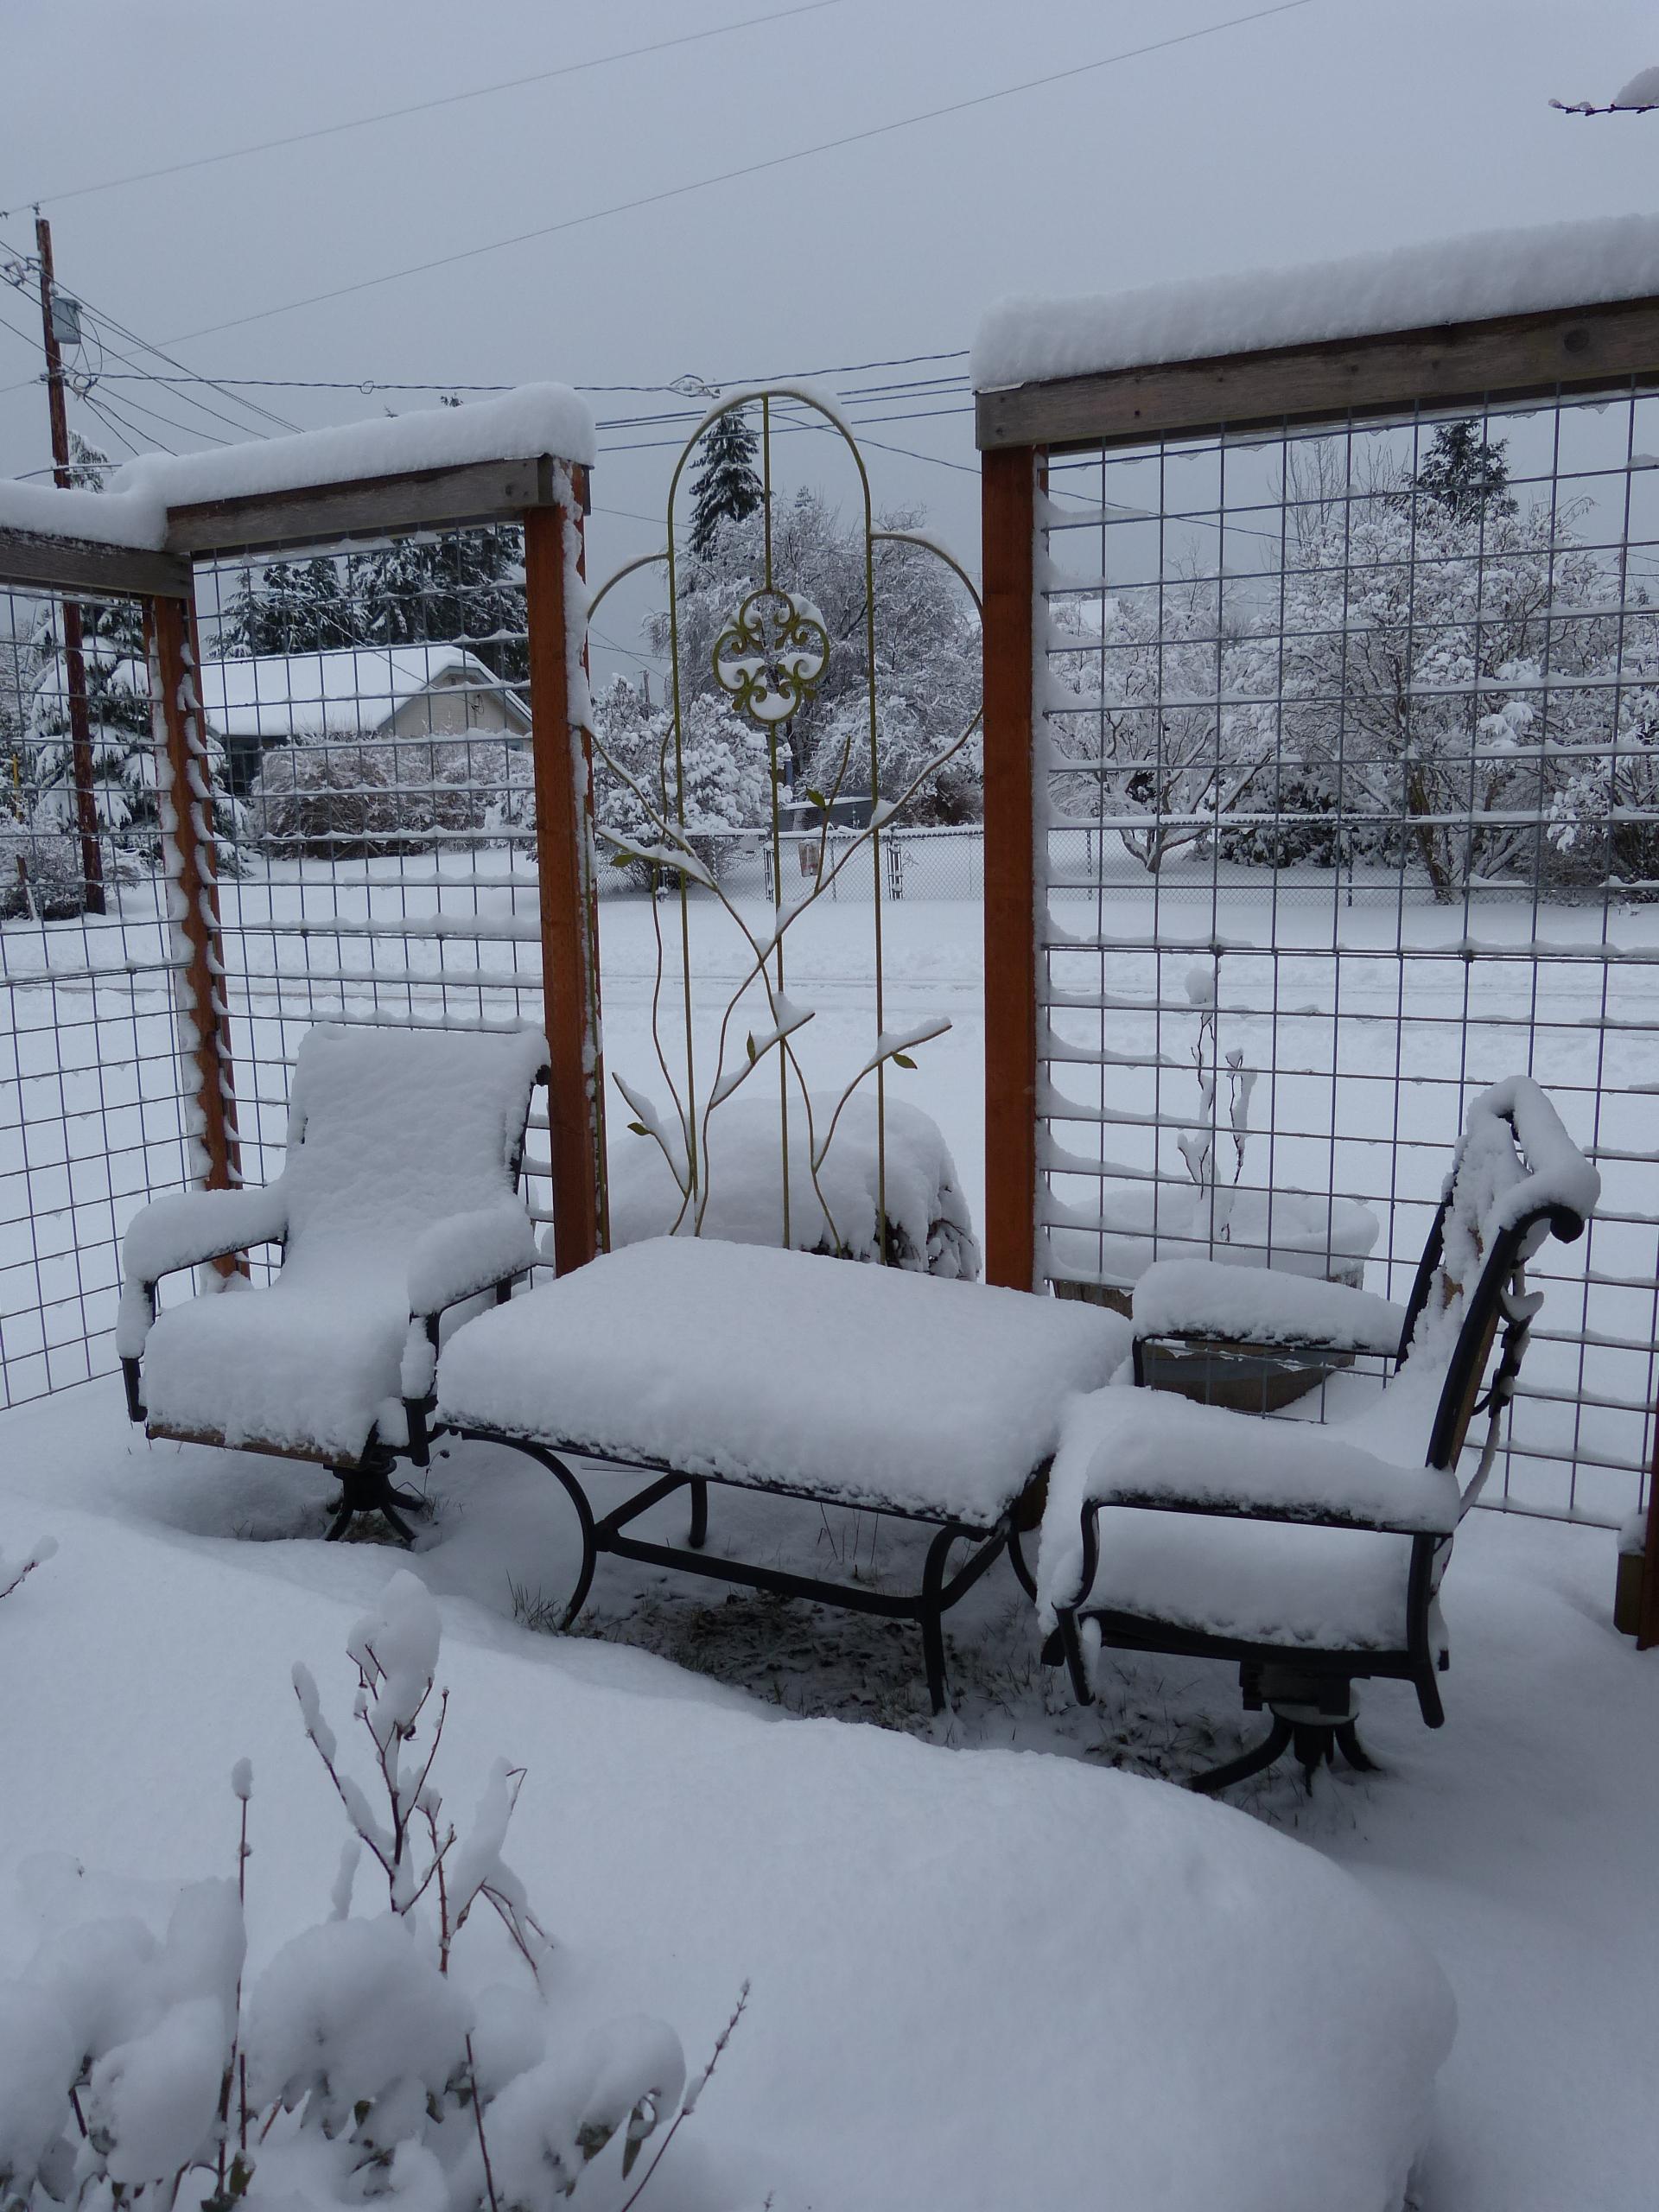 My garden waiting under snow for spring.